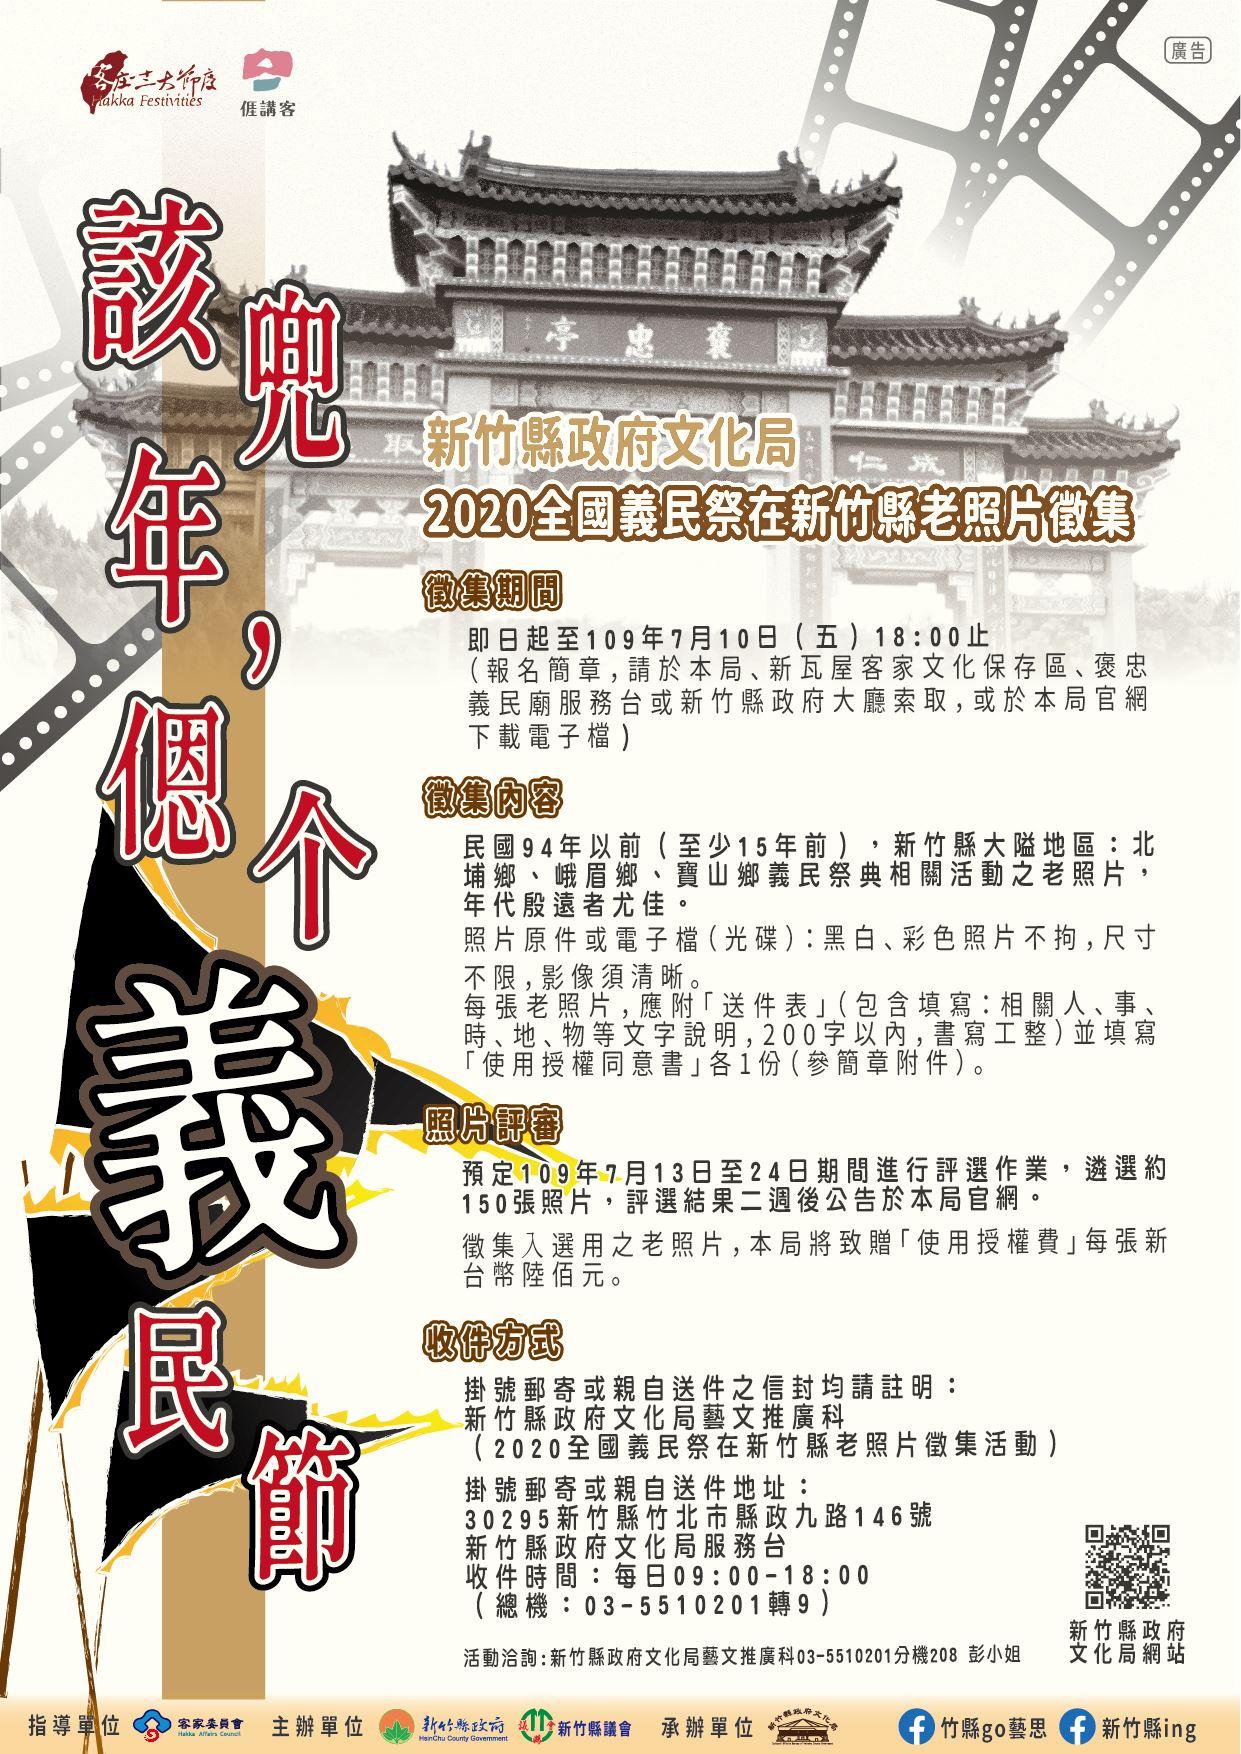 「該兜年,亻恩个義民節」2020全國義民祭在新竹縣老照片徵集開跑!